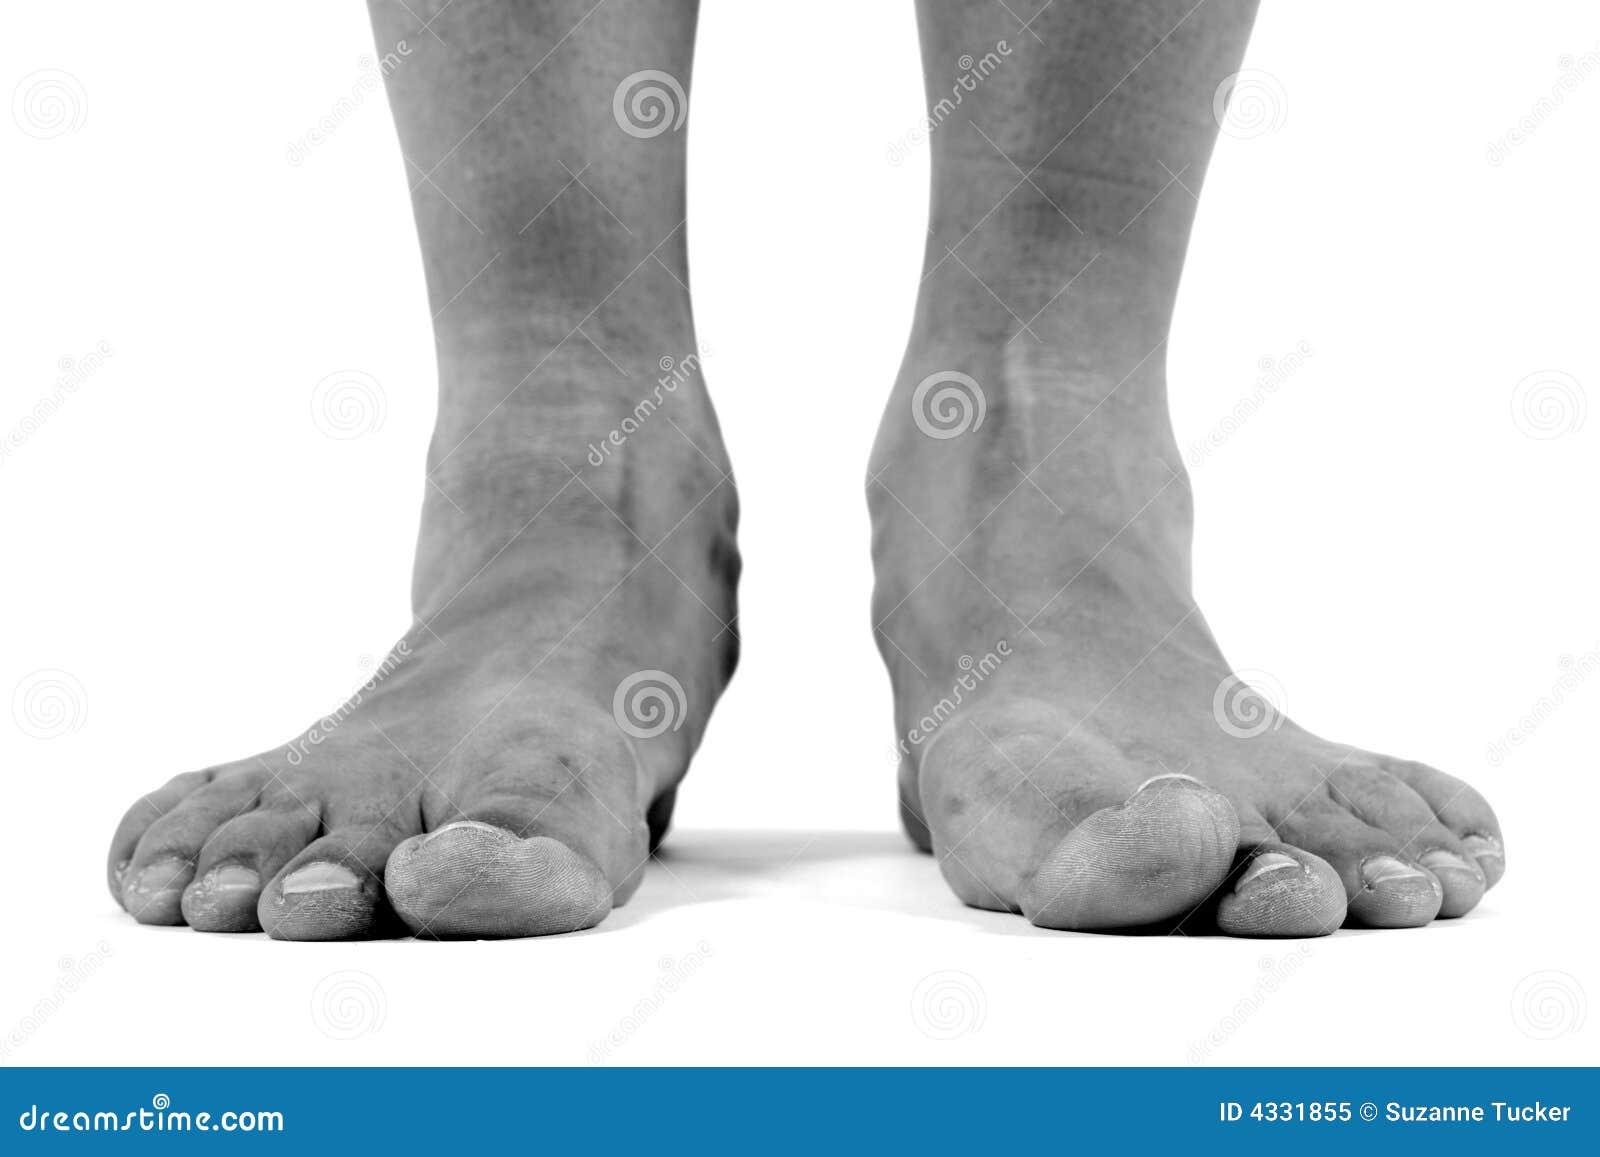 doctor scholls foot machine